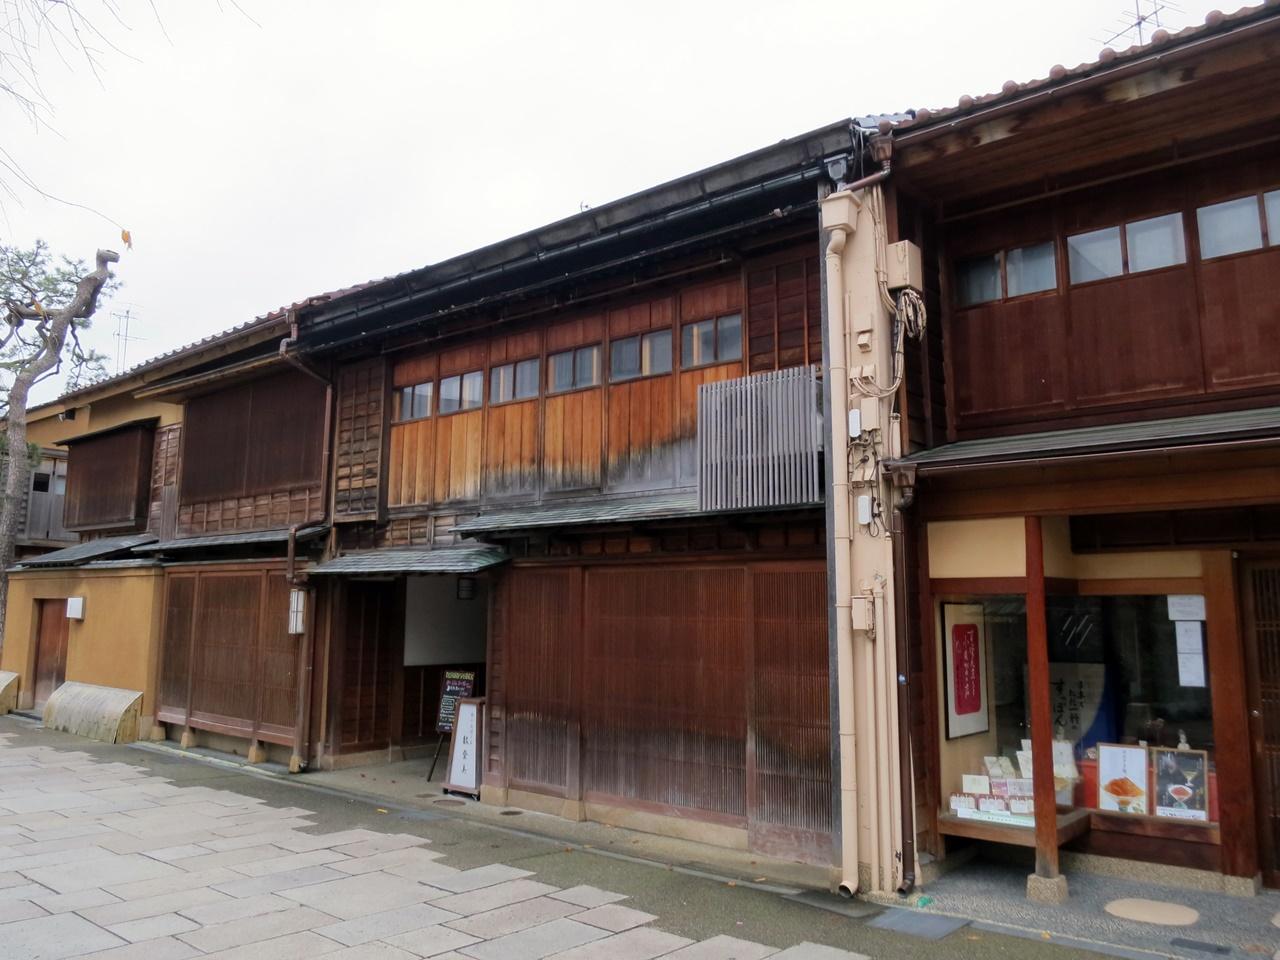 151124金沢茶屋街-09